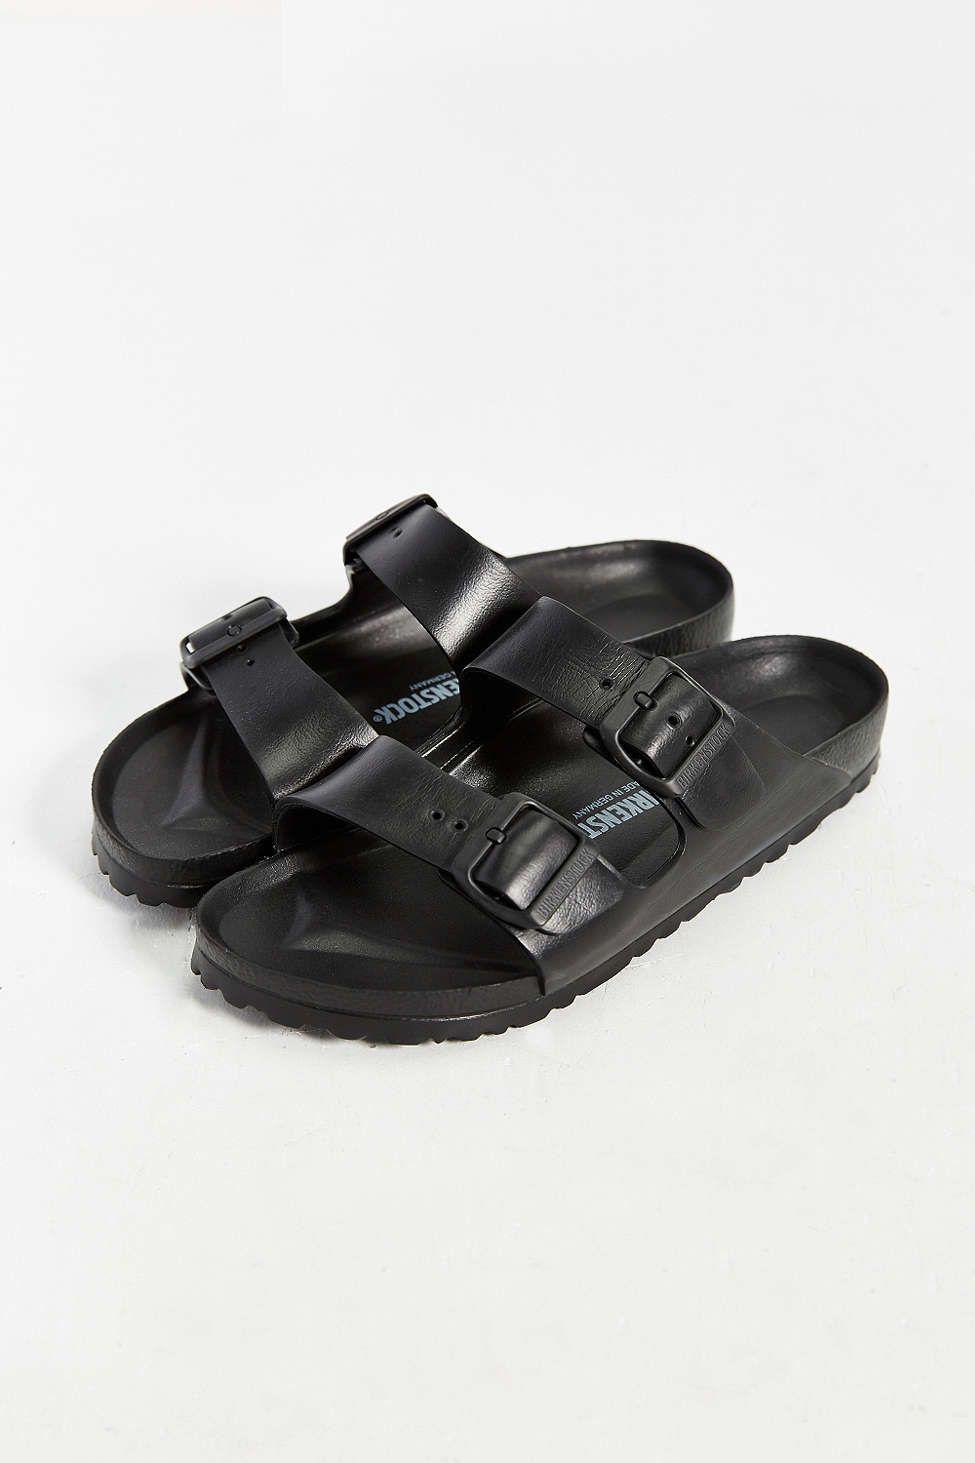 561606e90f7 Birkenstock Arizona Rubber EVA Sandal - Urban Outfitters